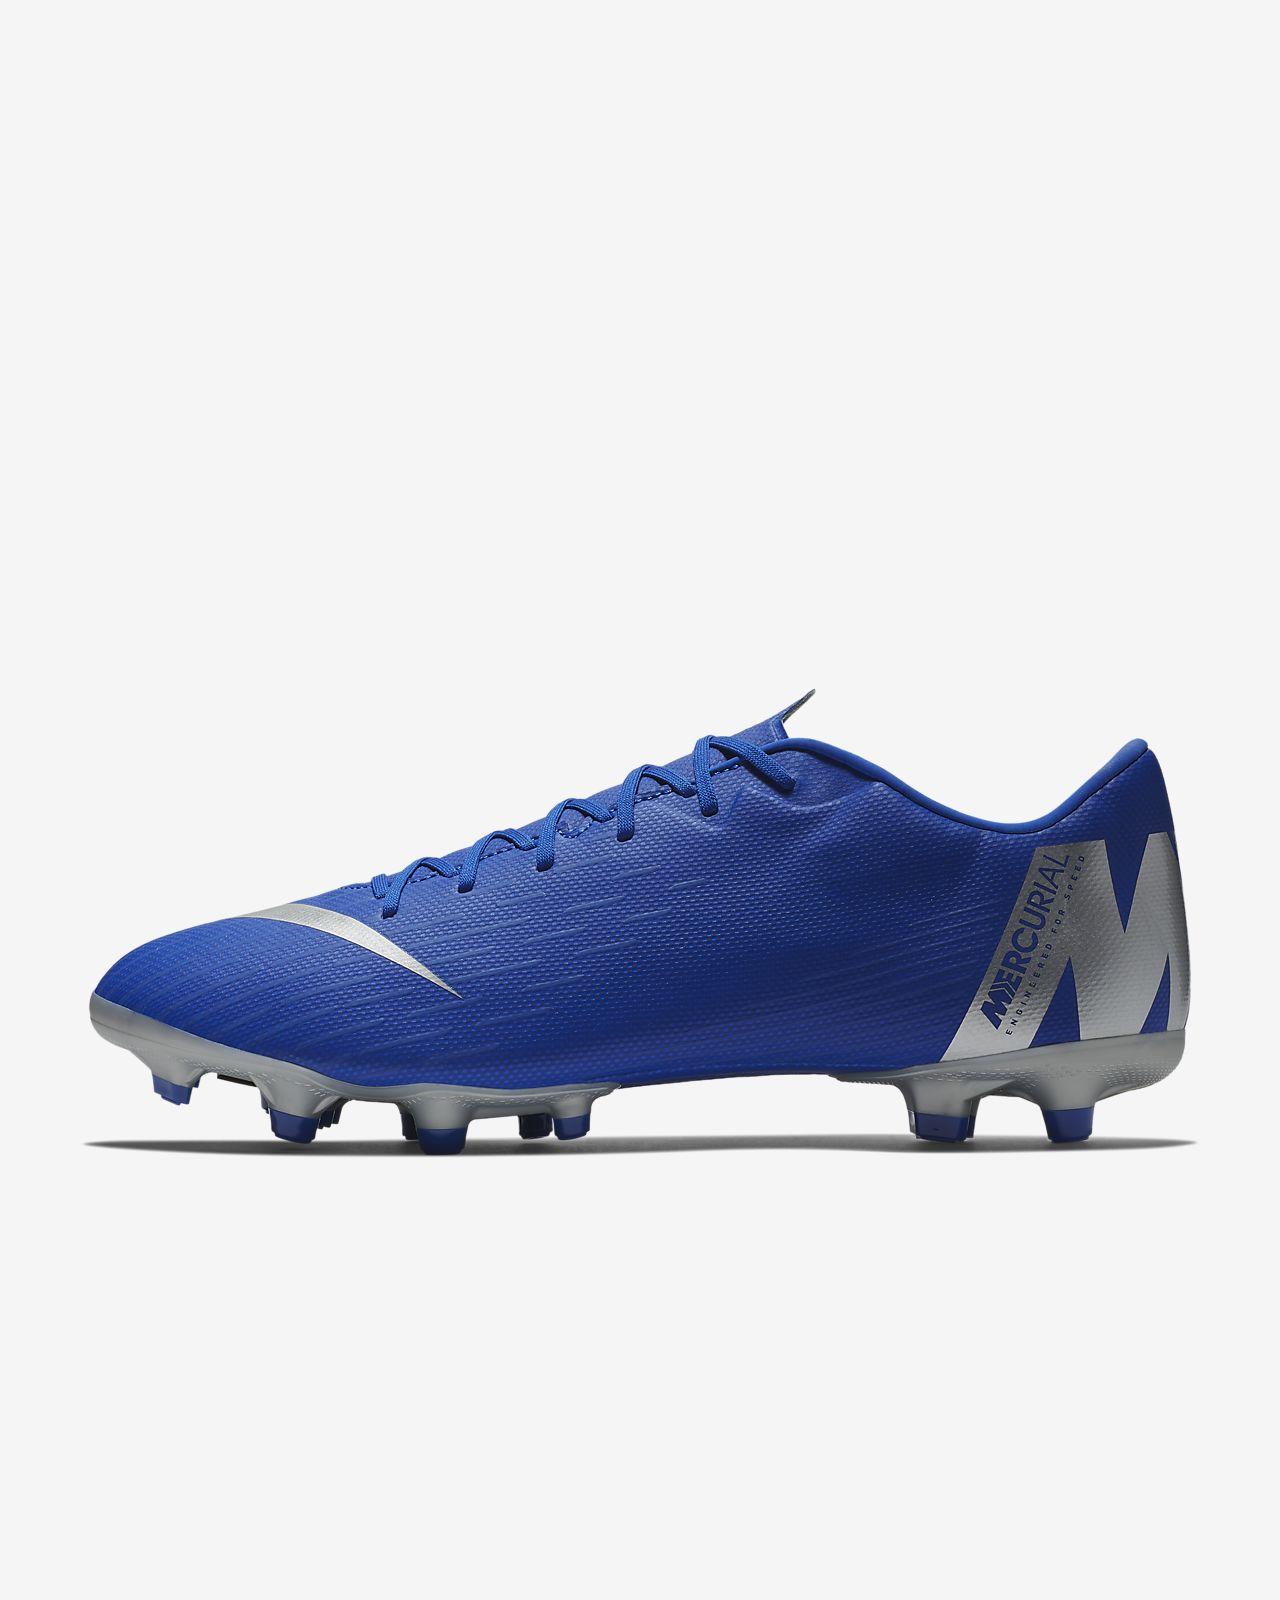 Nike Vapor 12 Academy MG Botas de fútbol para múltiples superficies ... 690ff51e478ba